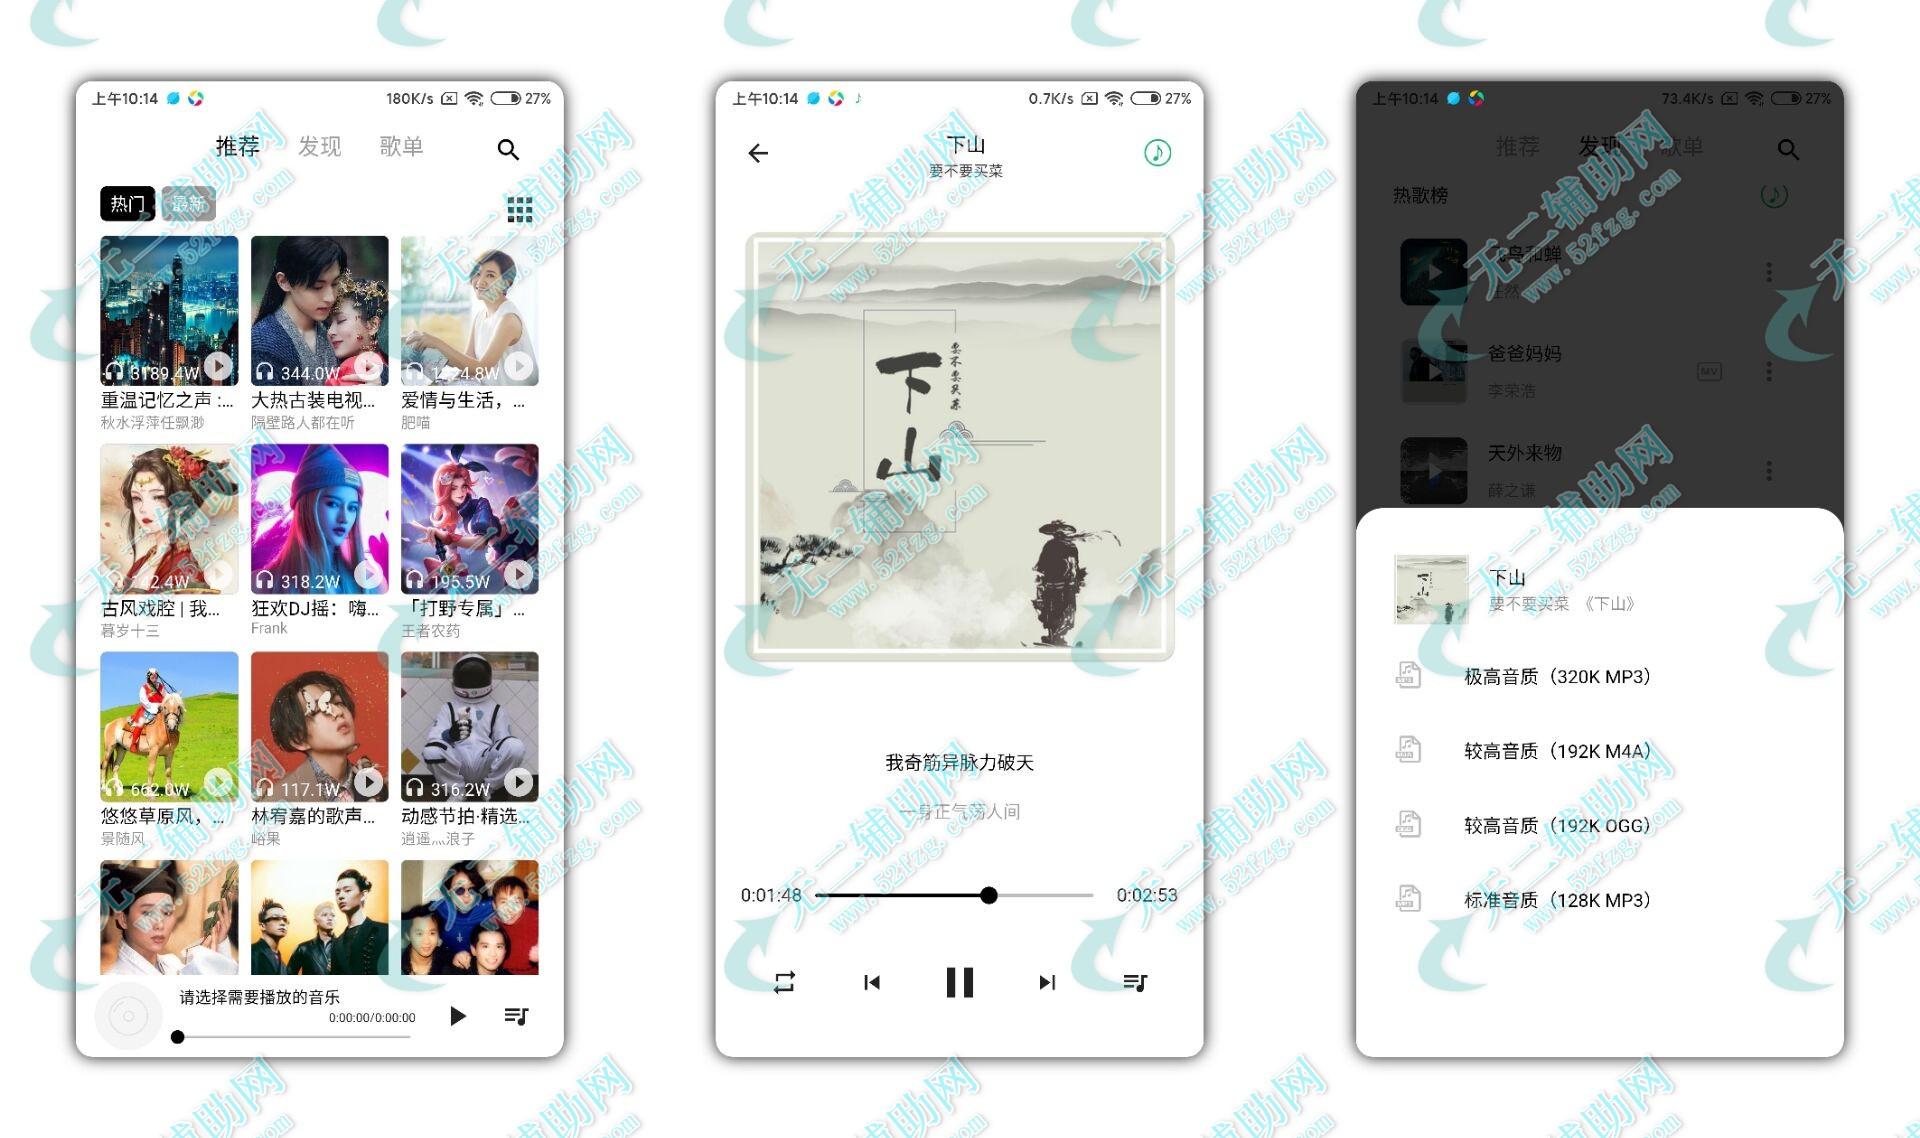 五音助手v2.5.2安卓版 VIP音乐下载器 任何音乐一键搜索 各大平台无损下载